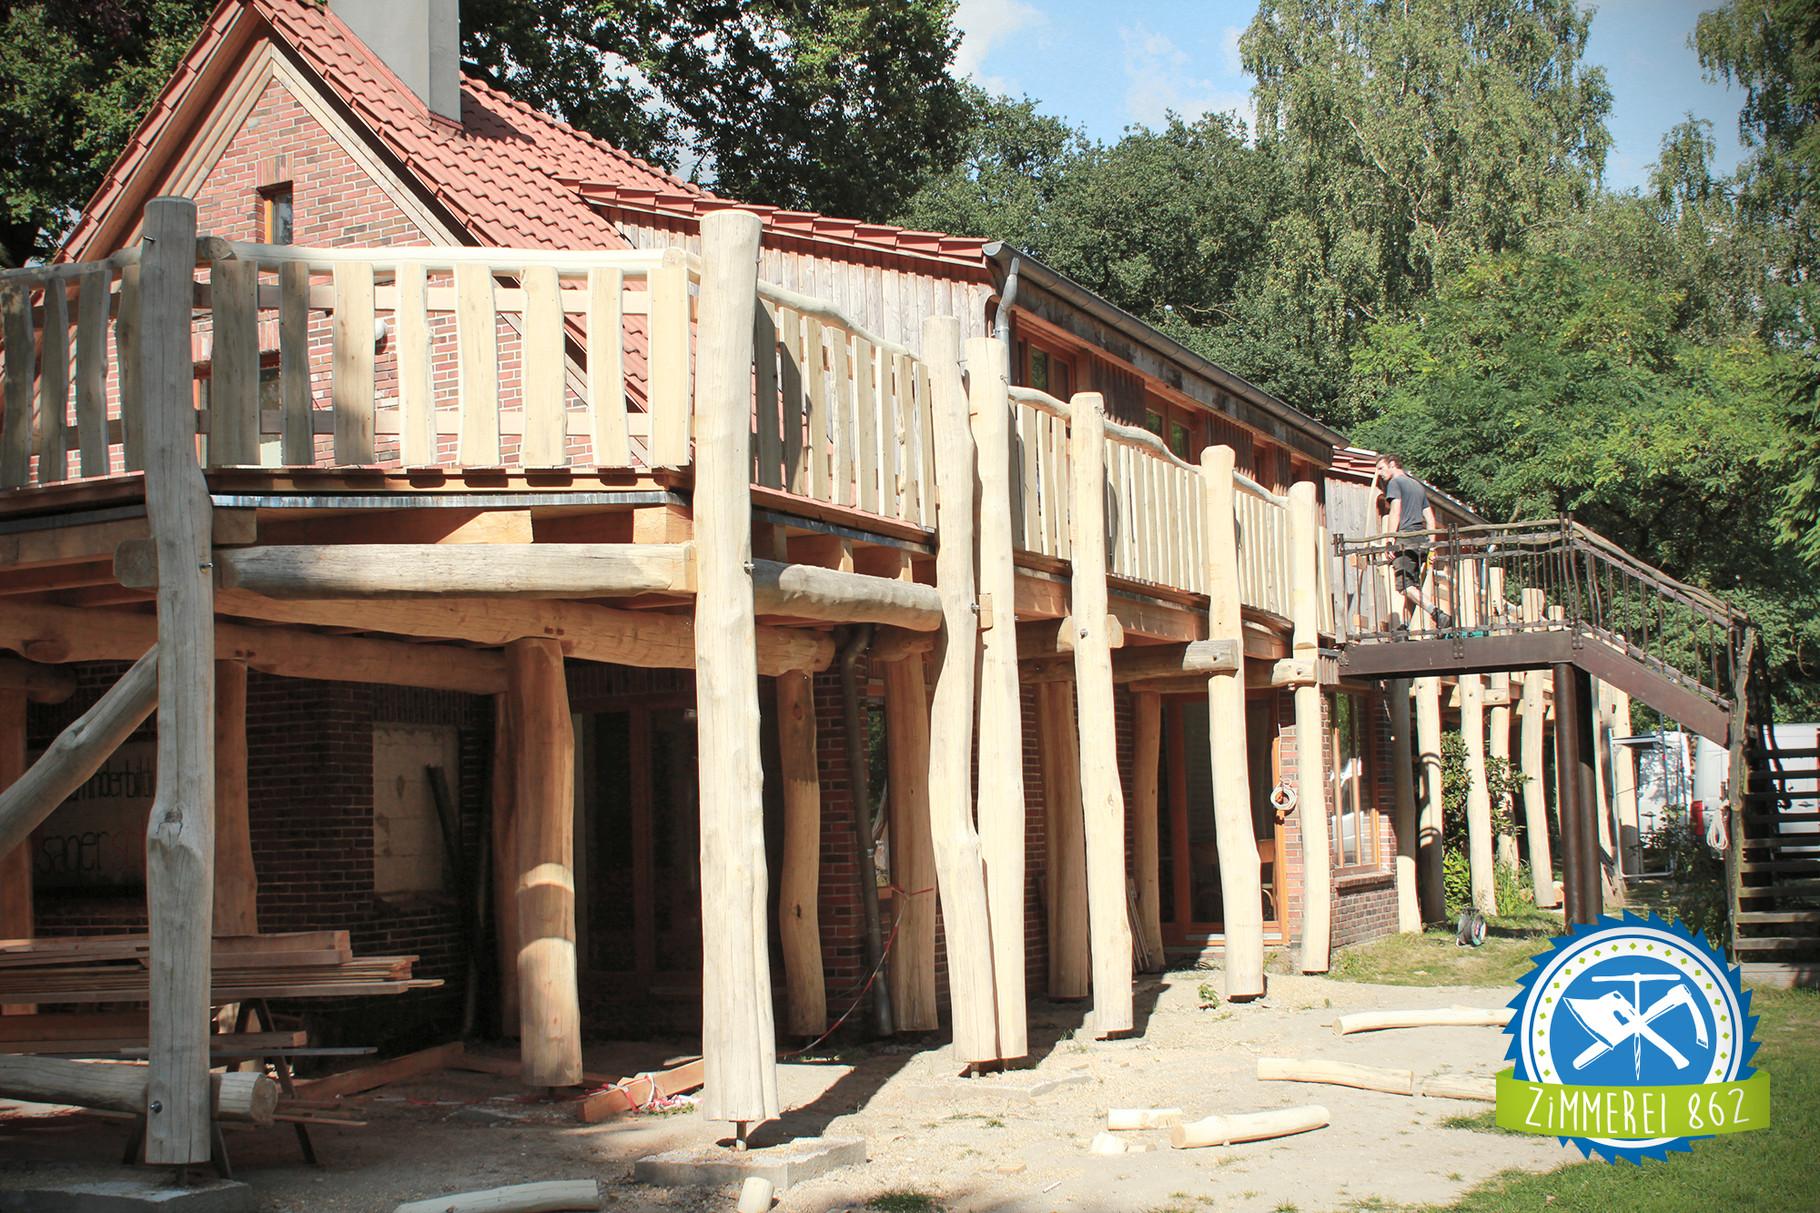 Terrassengang, Pfadfinderbildungsstätte, Sager Schweiz